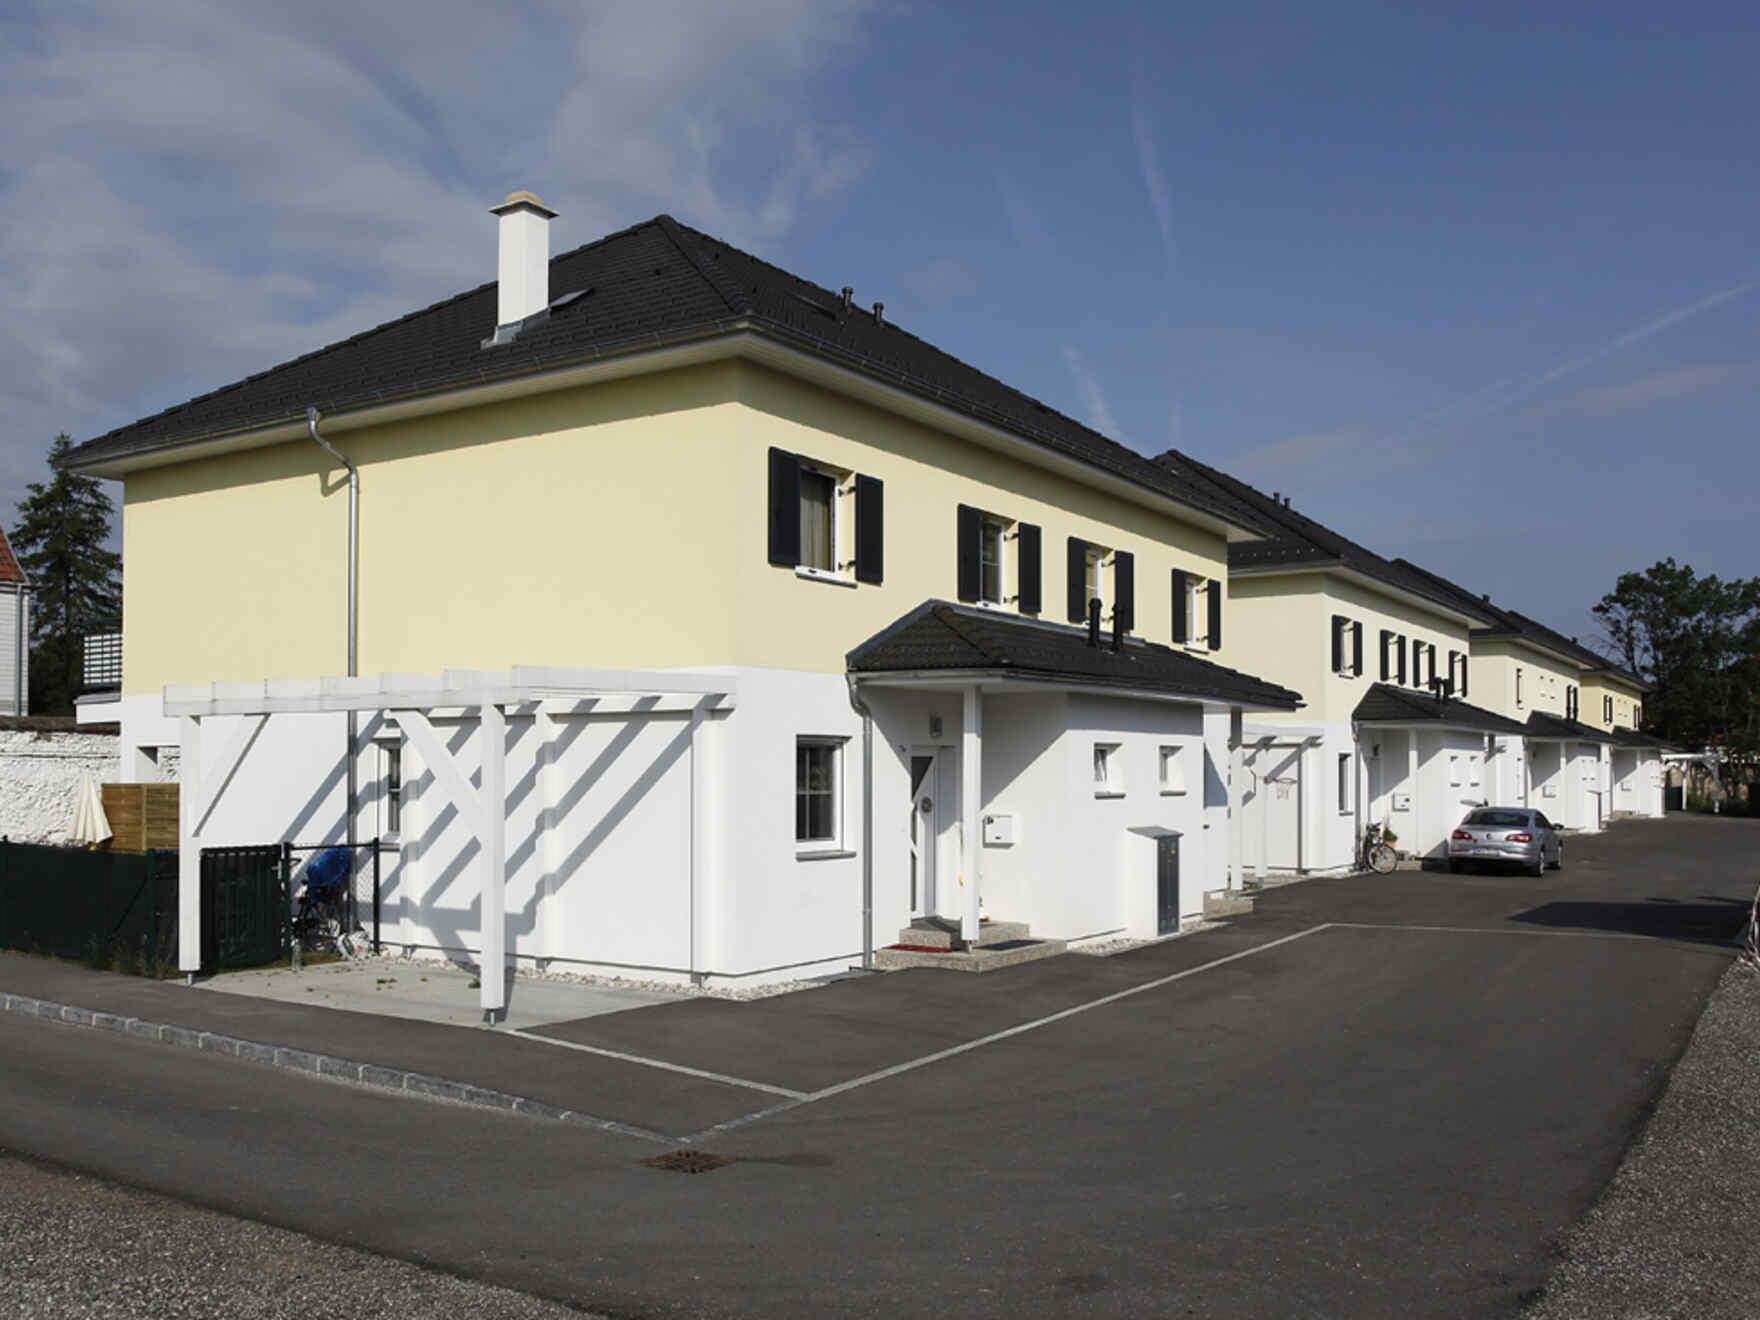 casa prefabbricata in legno Villenwohnanlage im Akademiepark